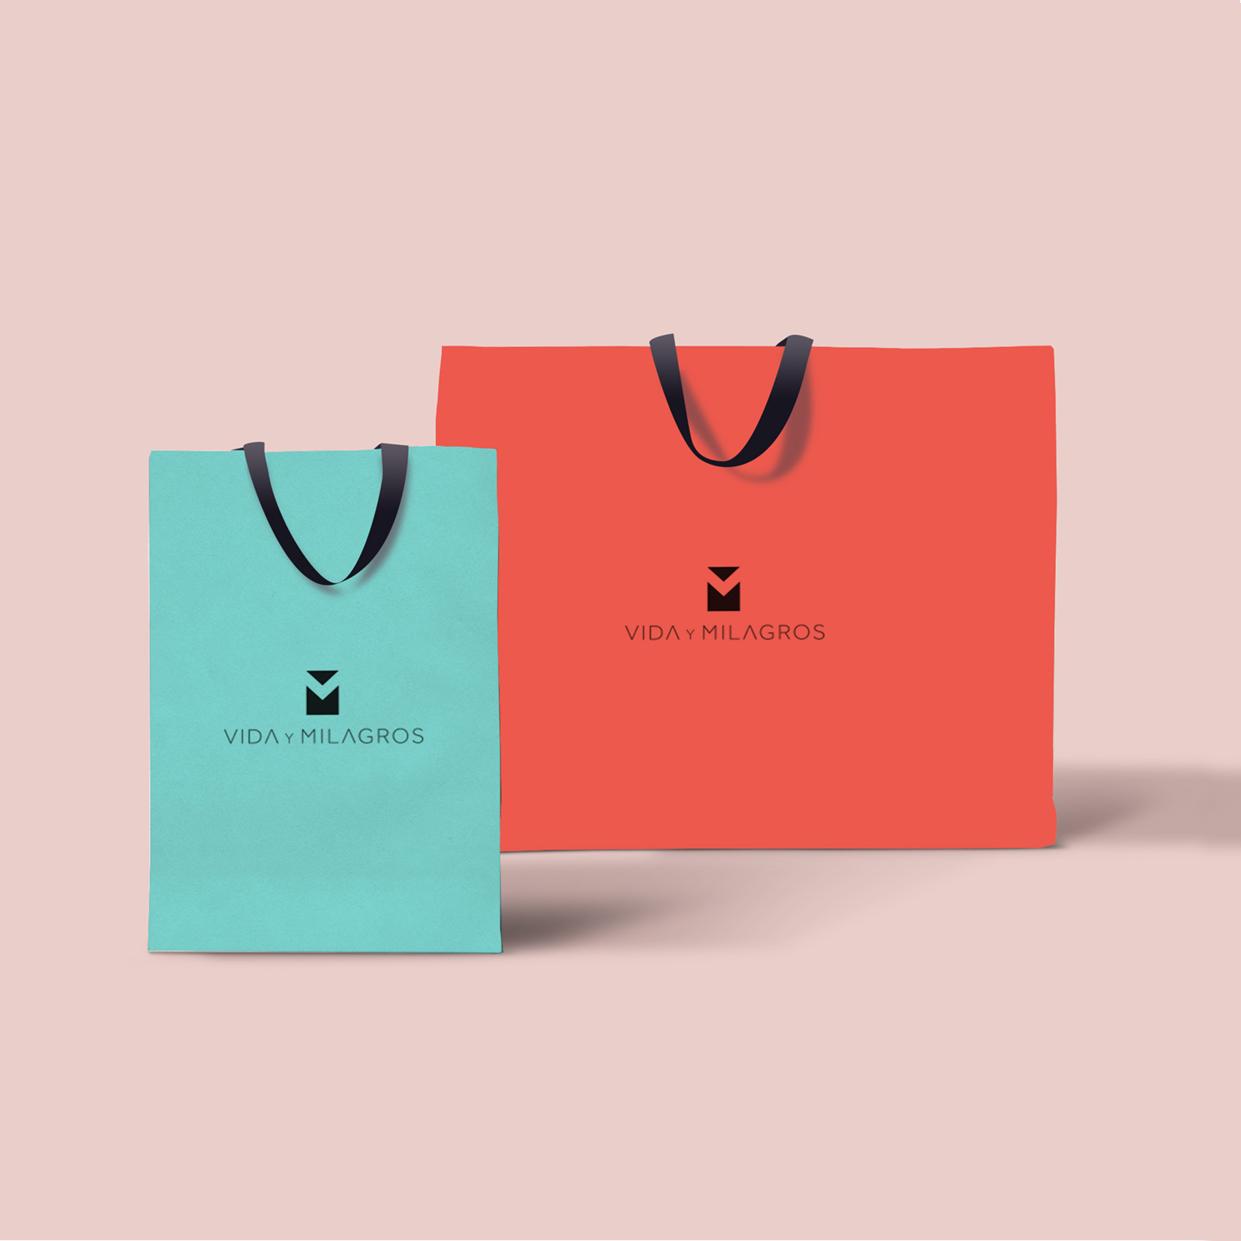 Diseño de bolsas - Diseño gráfico